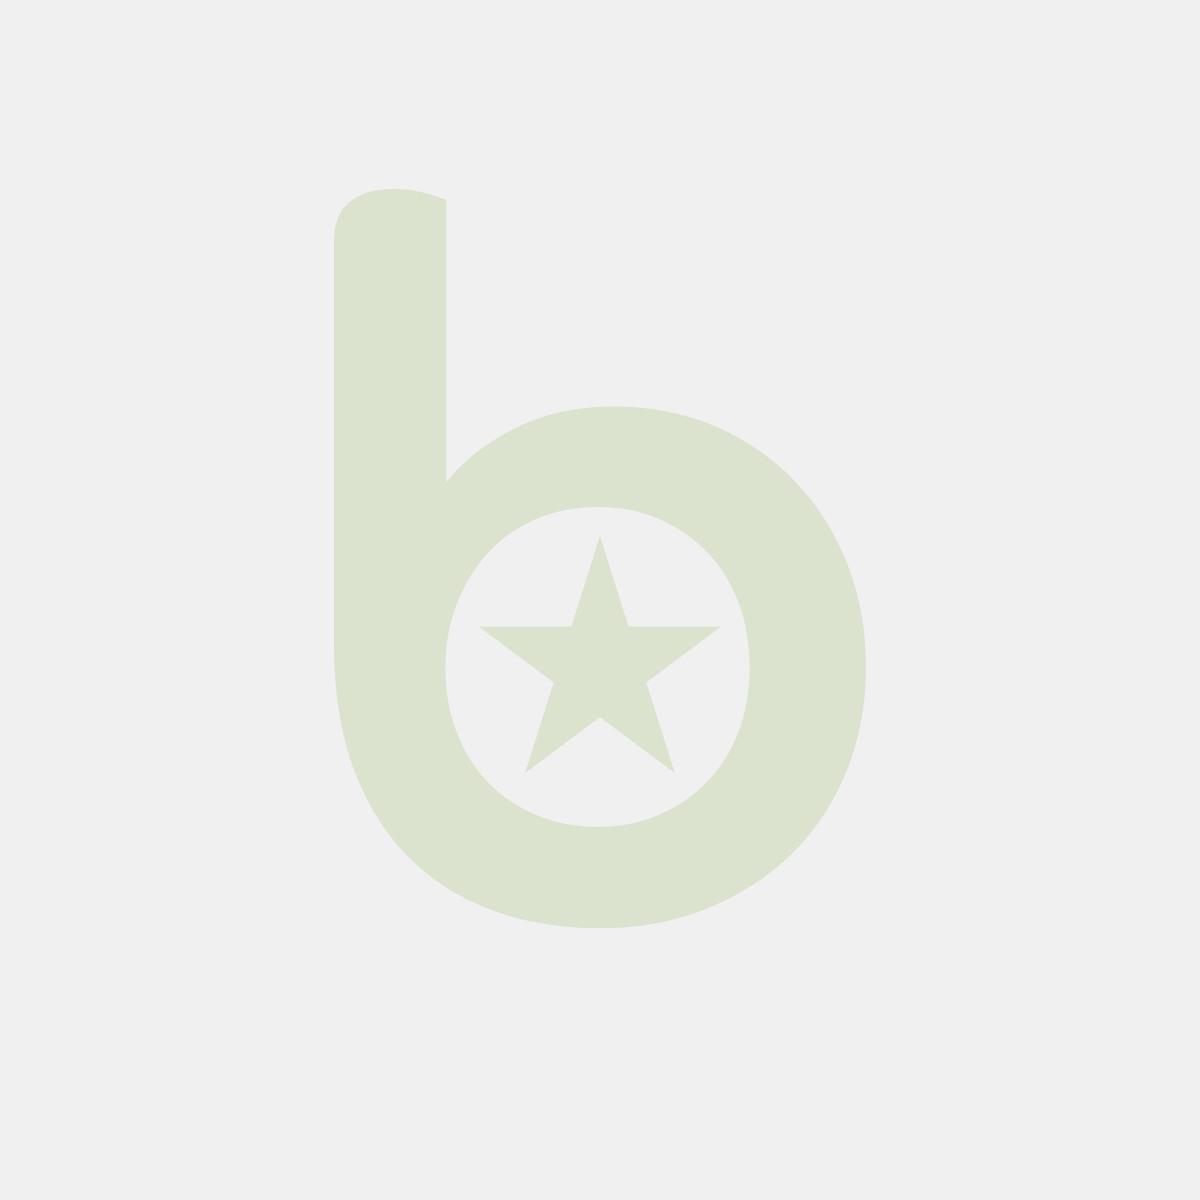 Zmywak stalowy INOX op.2szt YORK, cena za 1 opakowanie